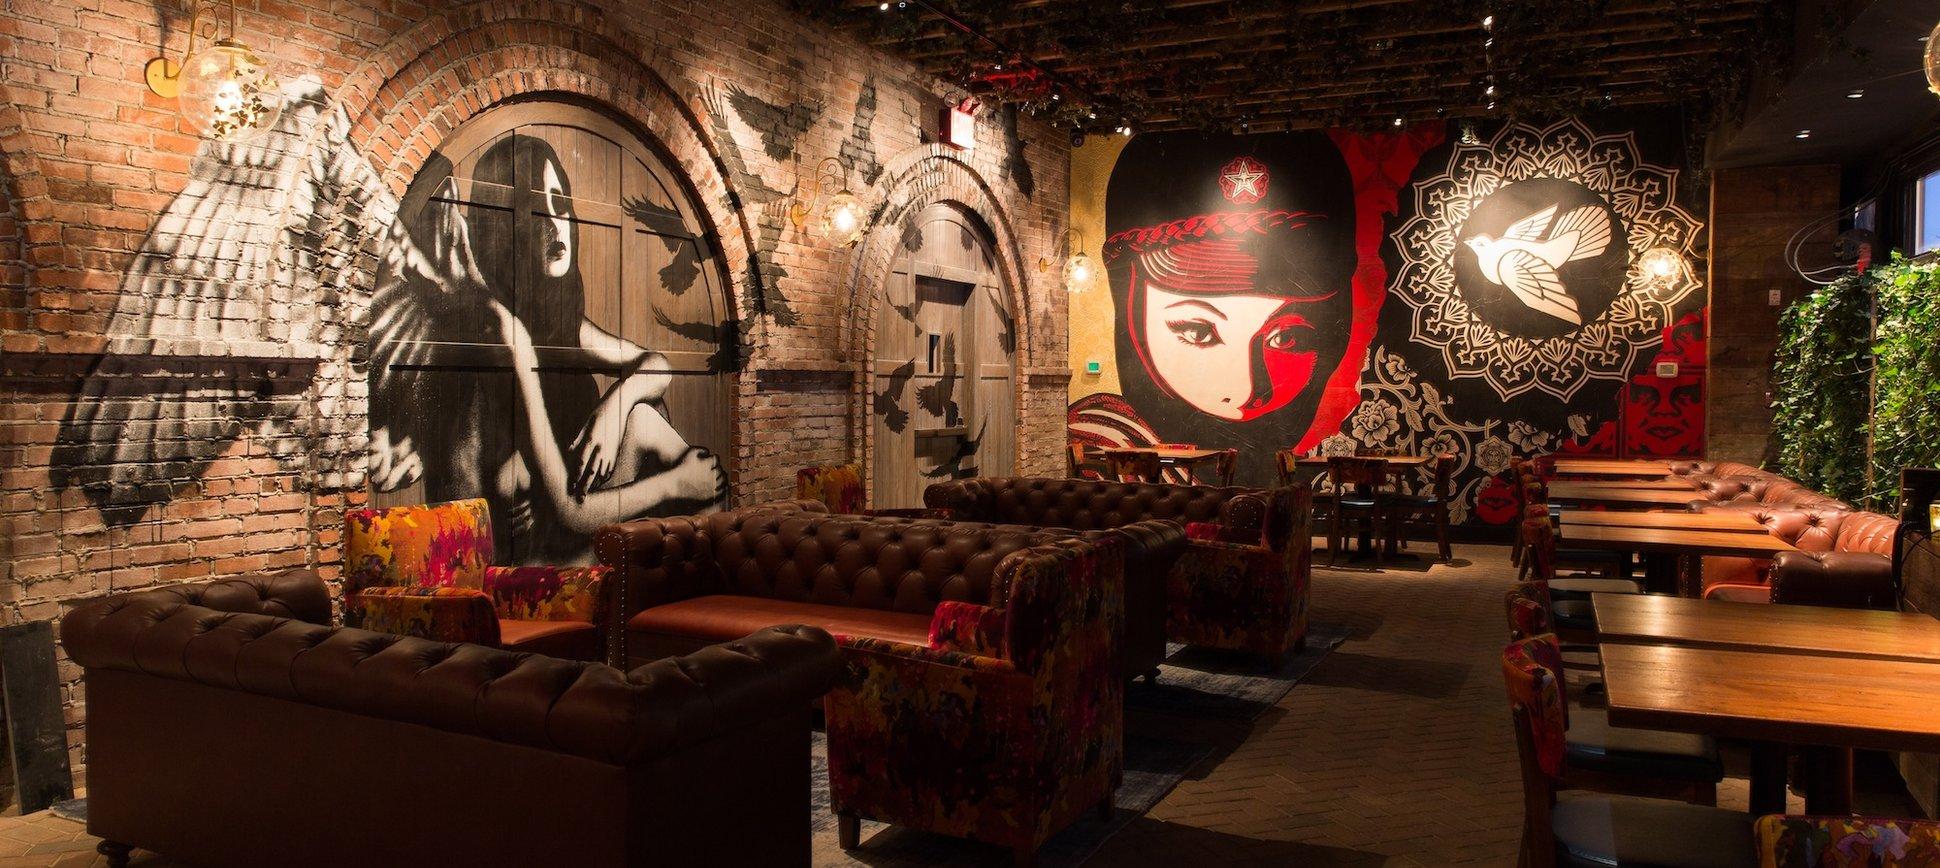 Hush curated decor for vandal restaurant new york